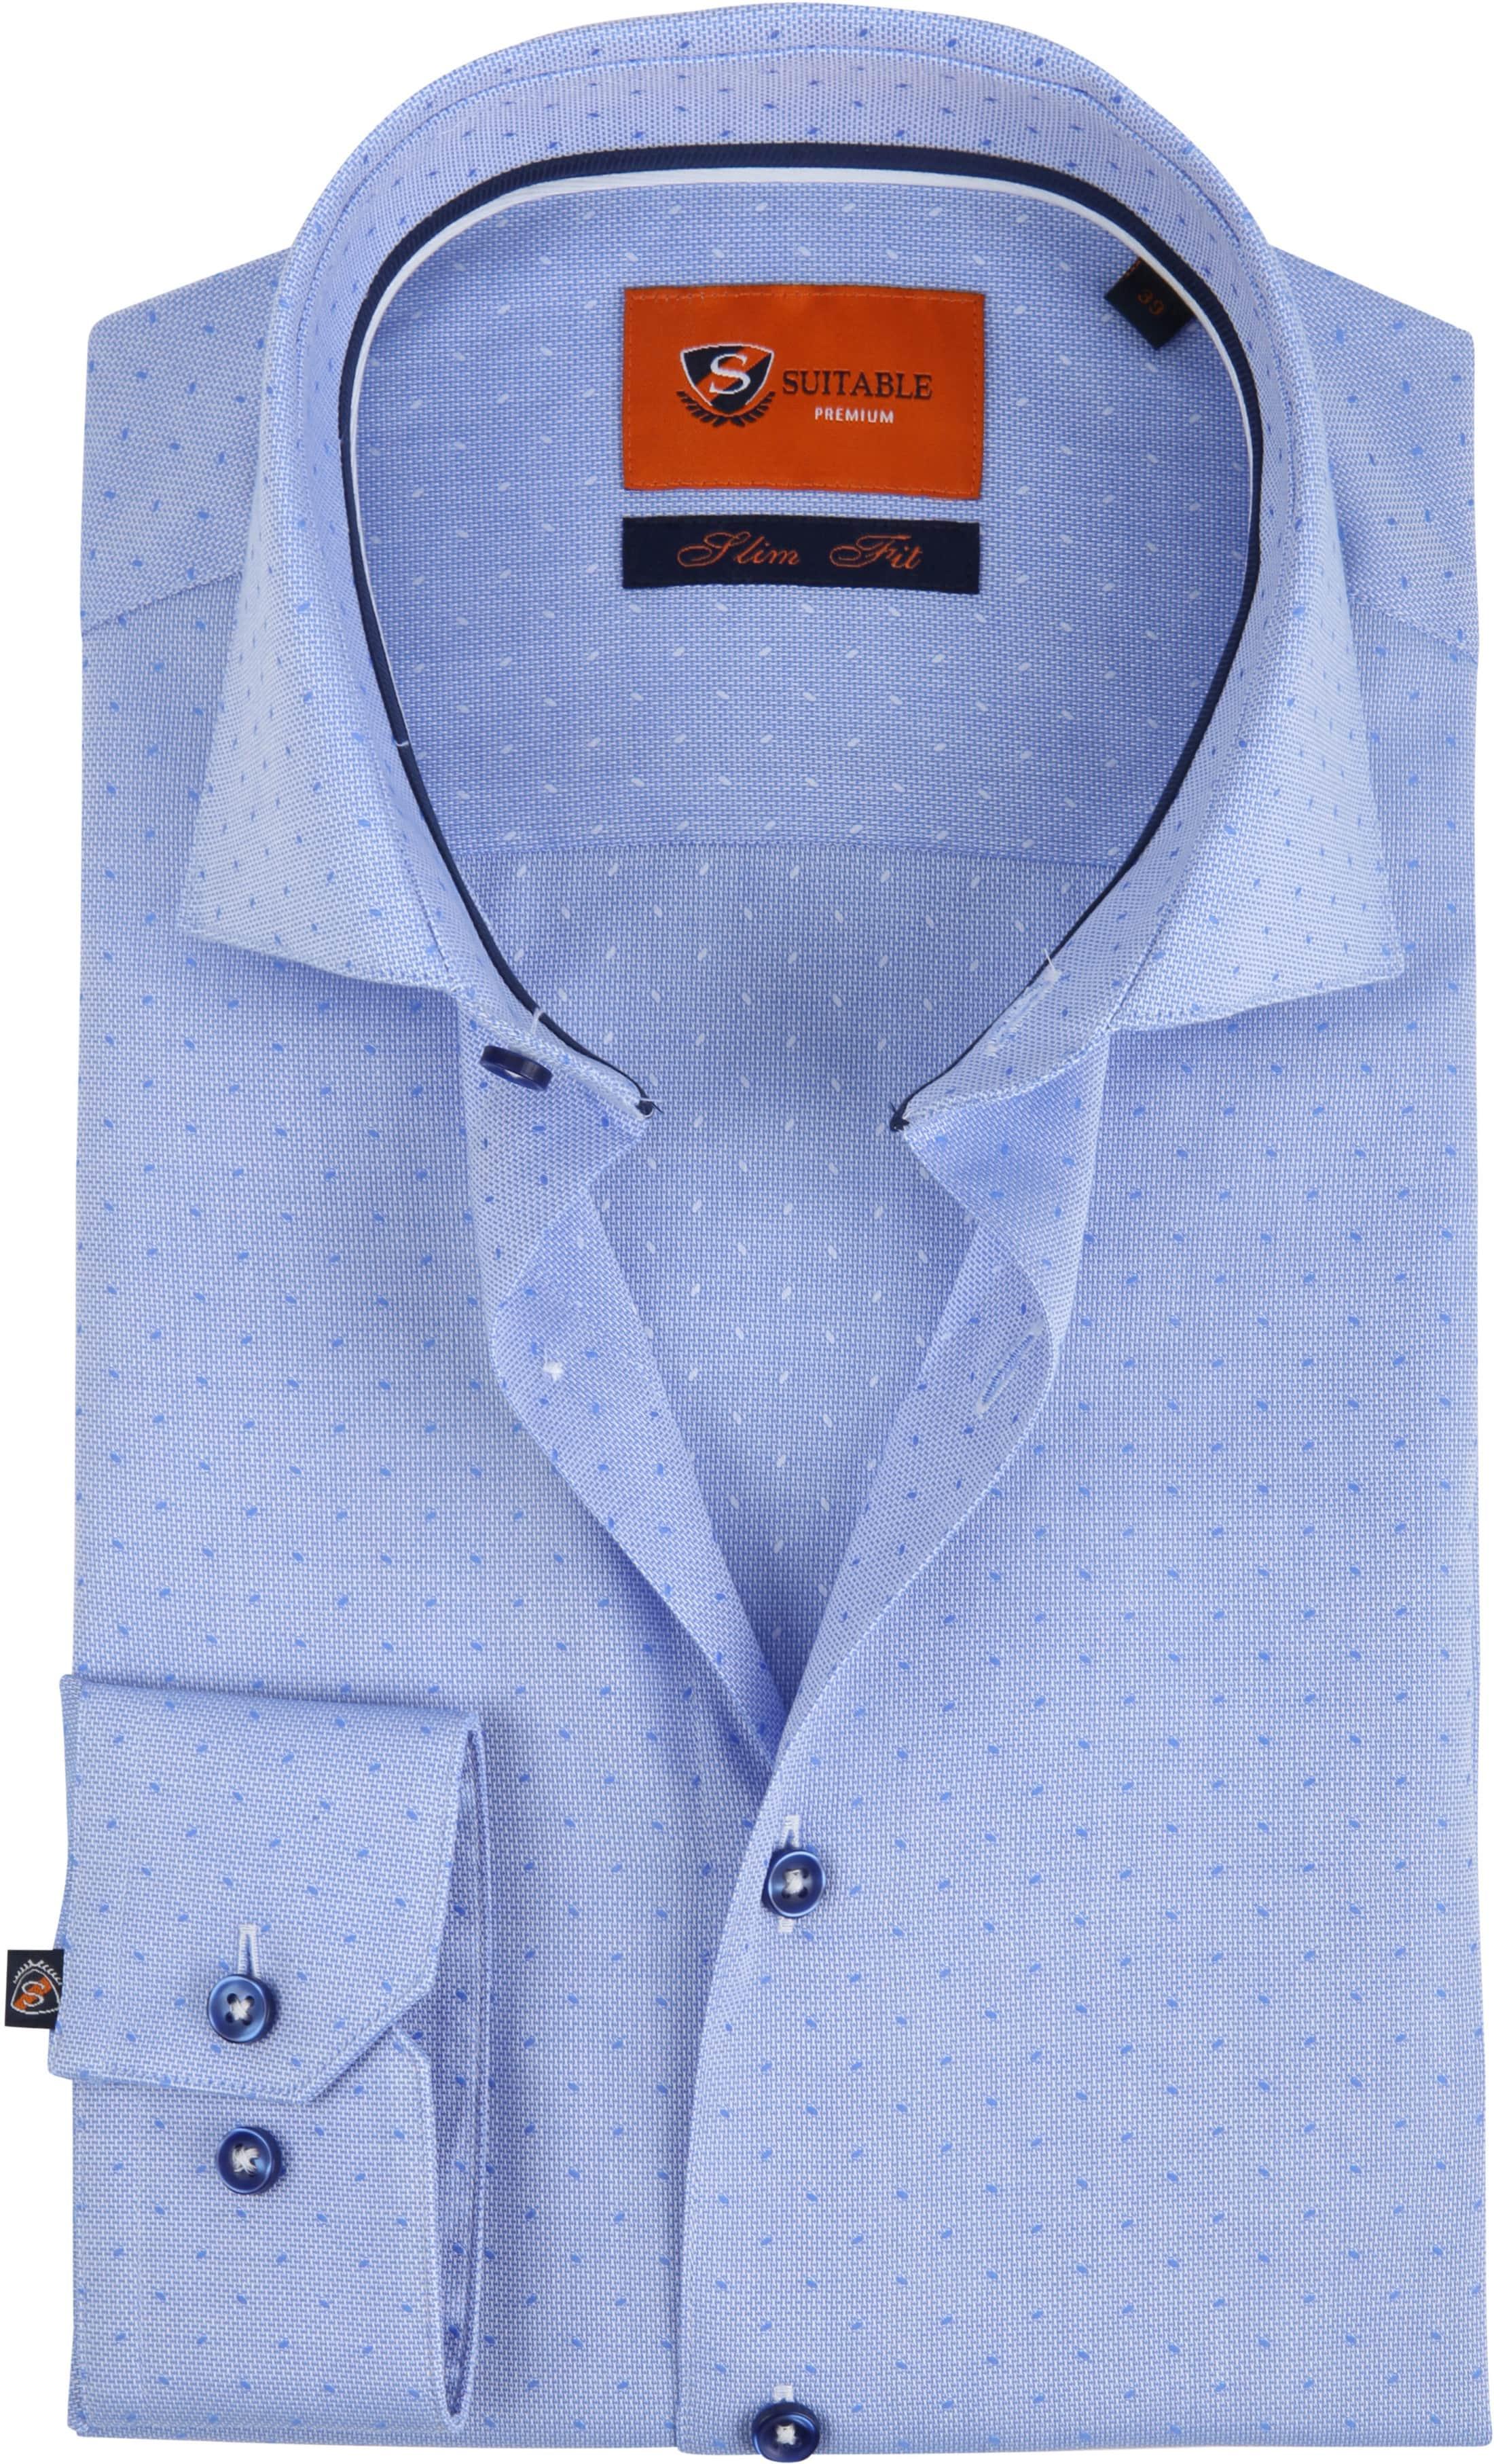 Suitable Shirt Oxford Dots Blue foto 0